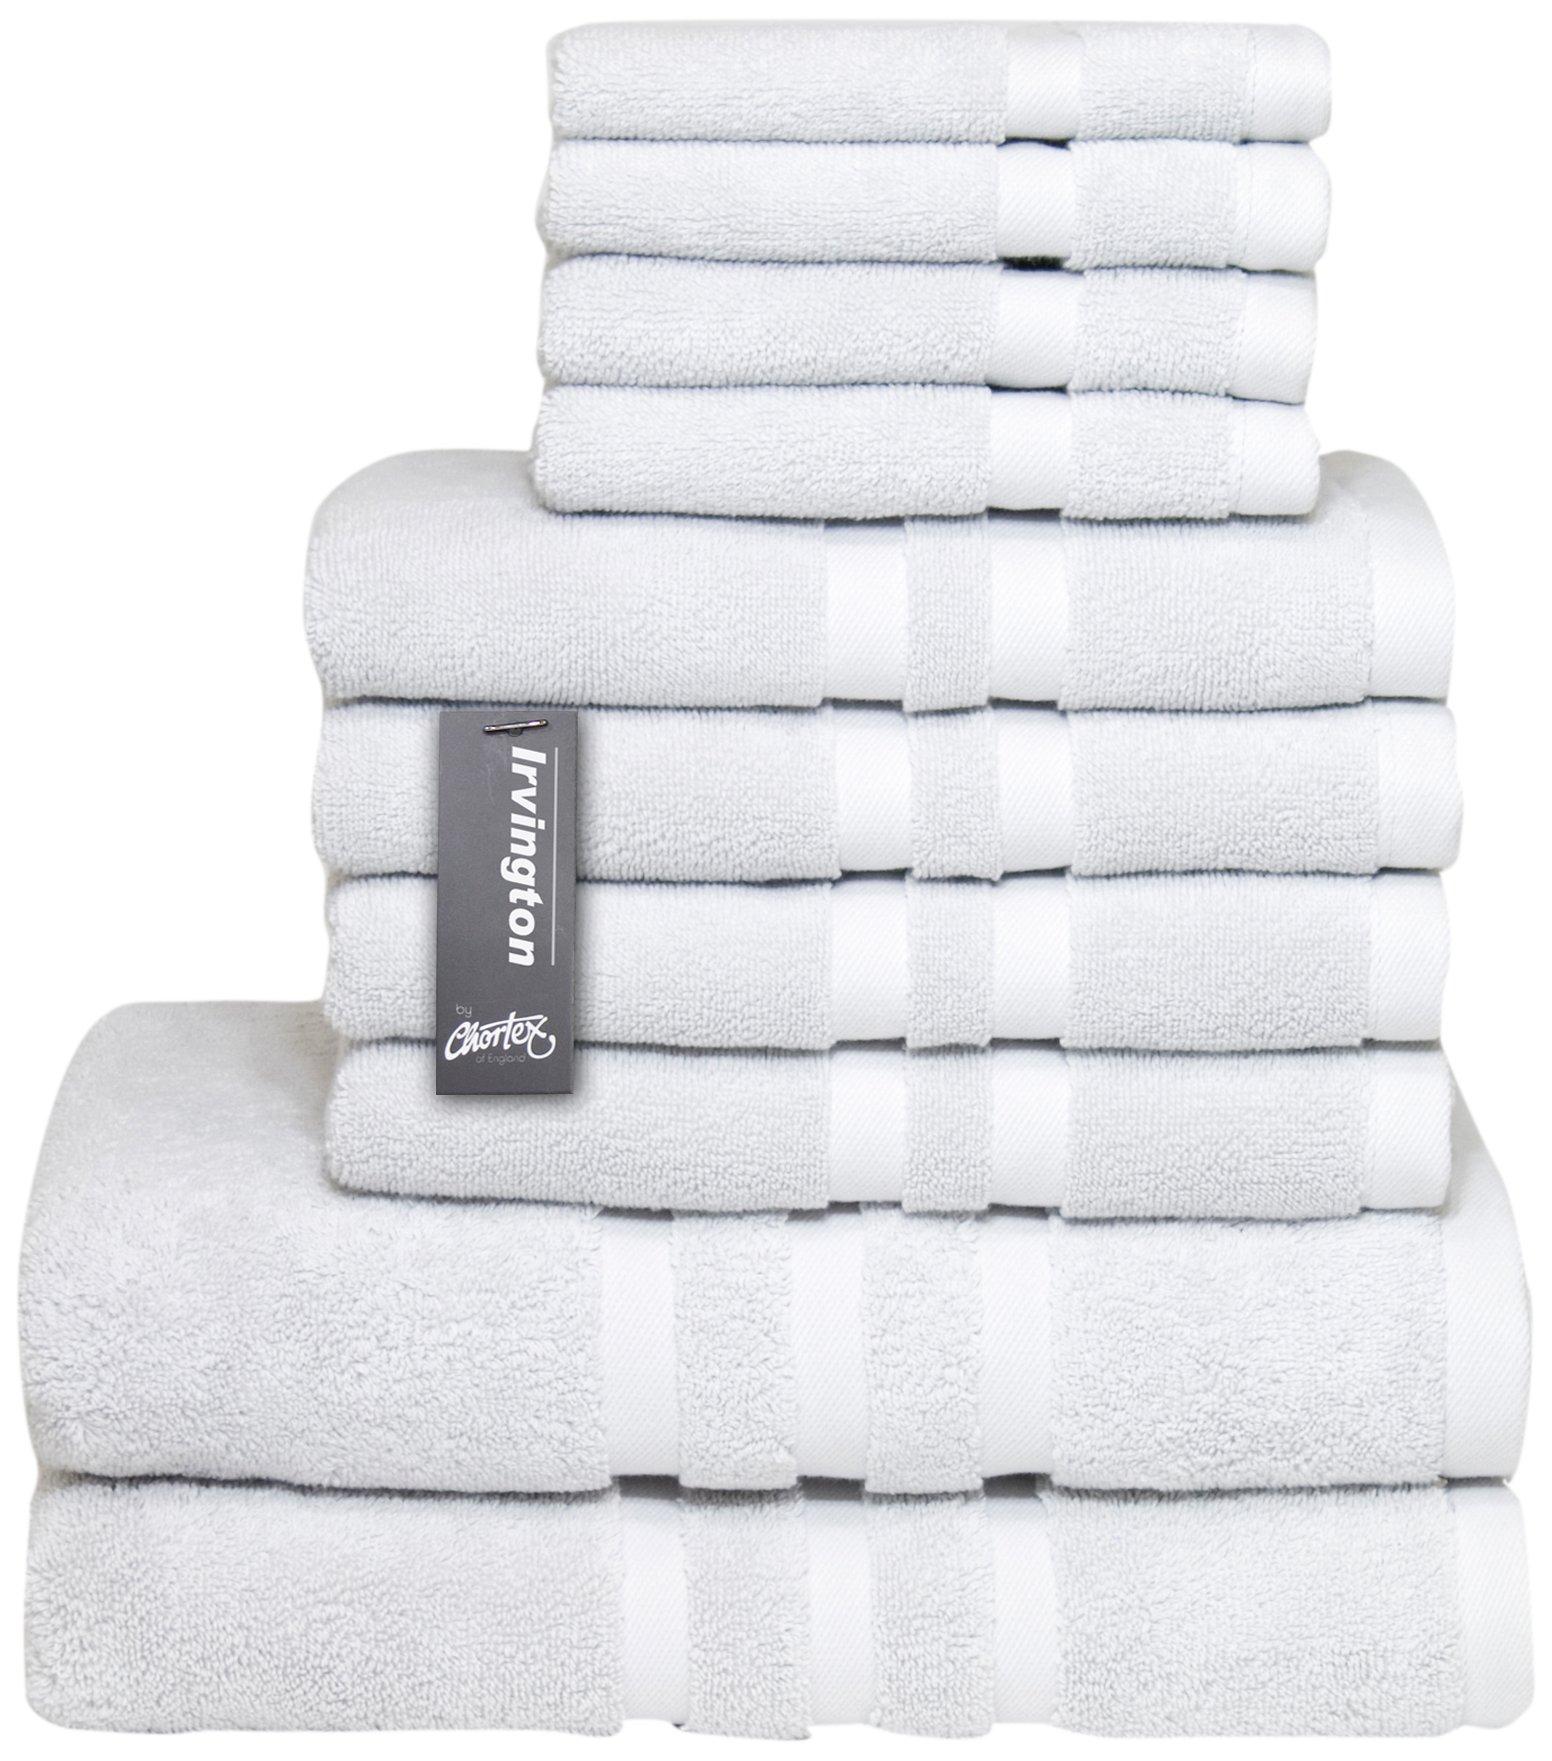 Chortex Luxury Turkish Cotton 10 Piece Set, Set of 10 Towels, Silver